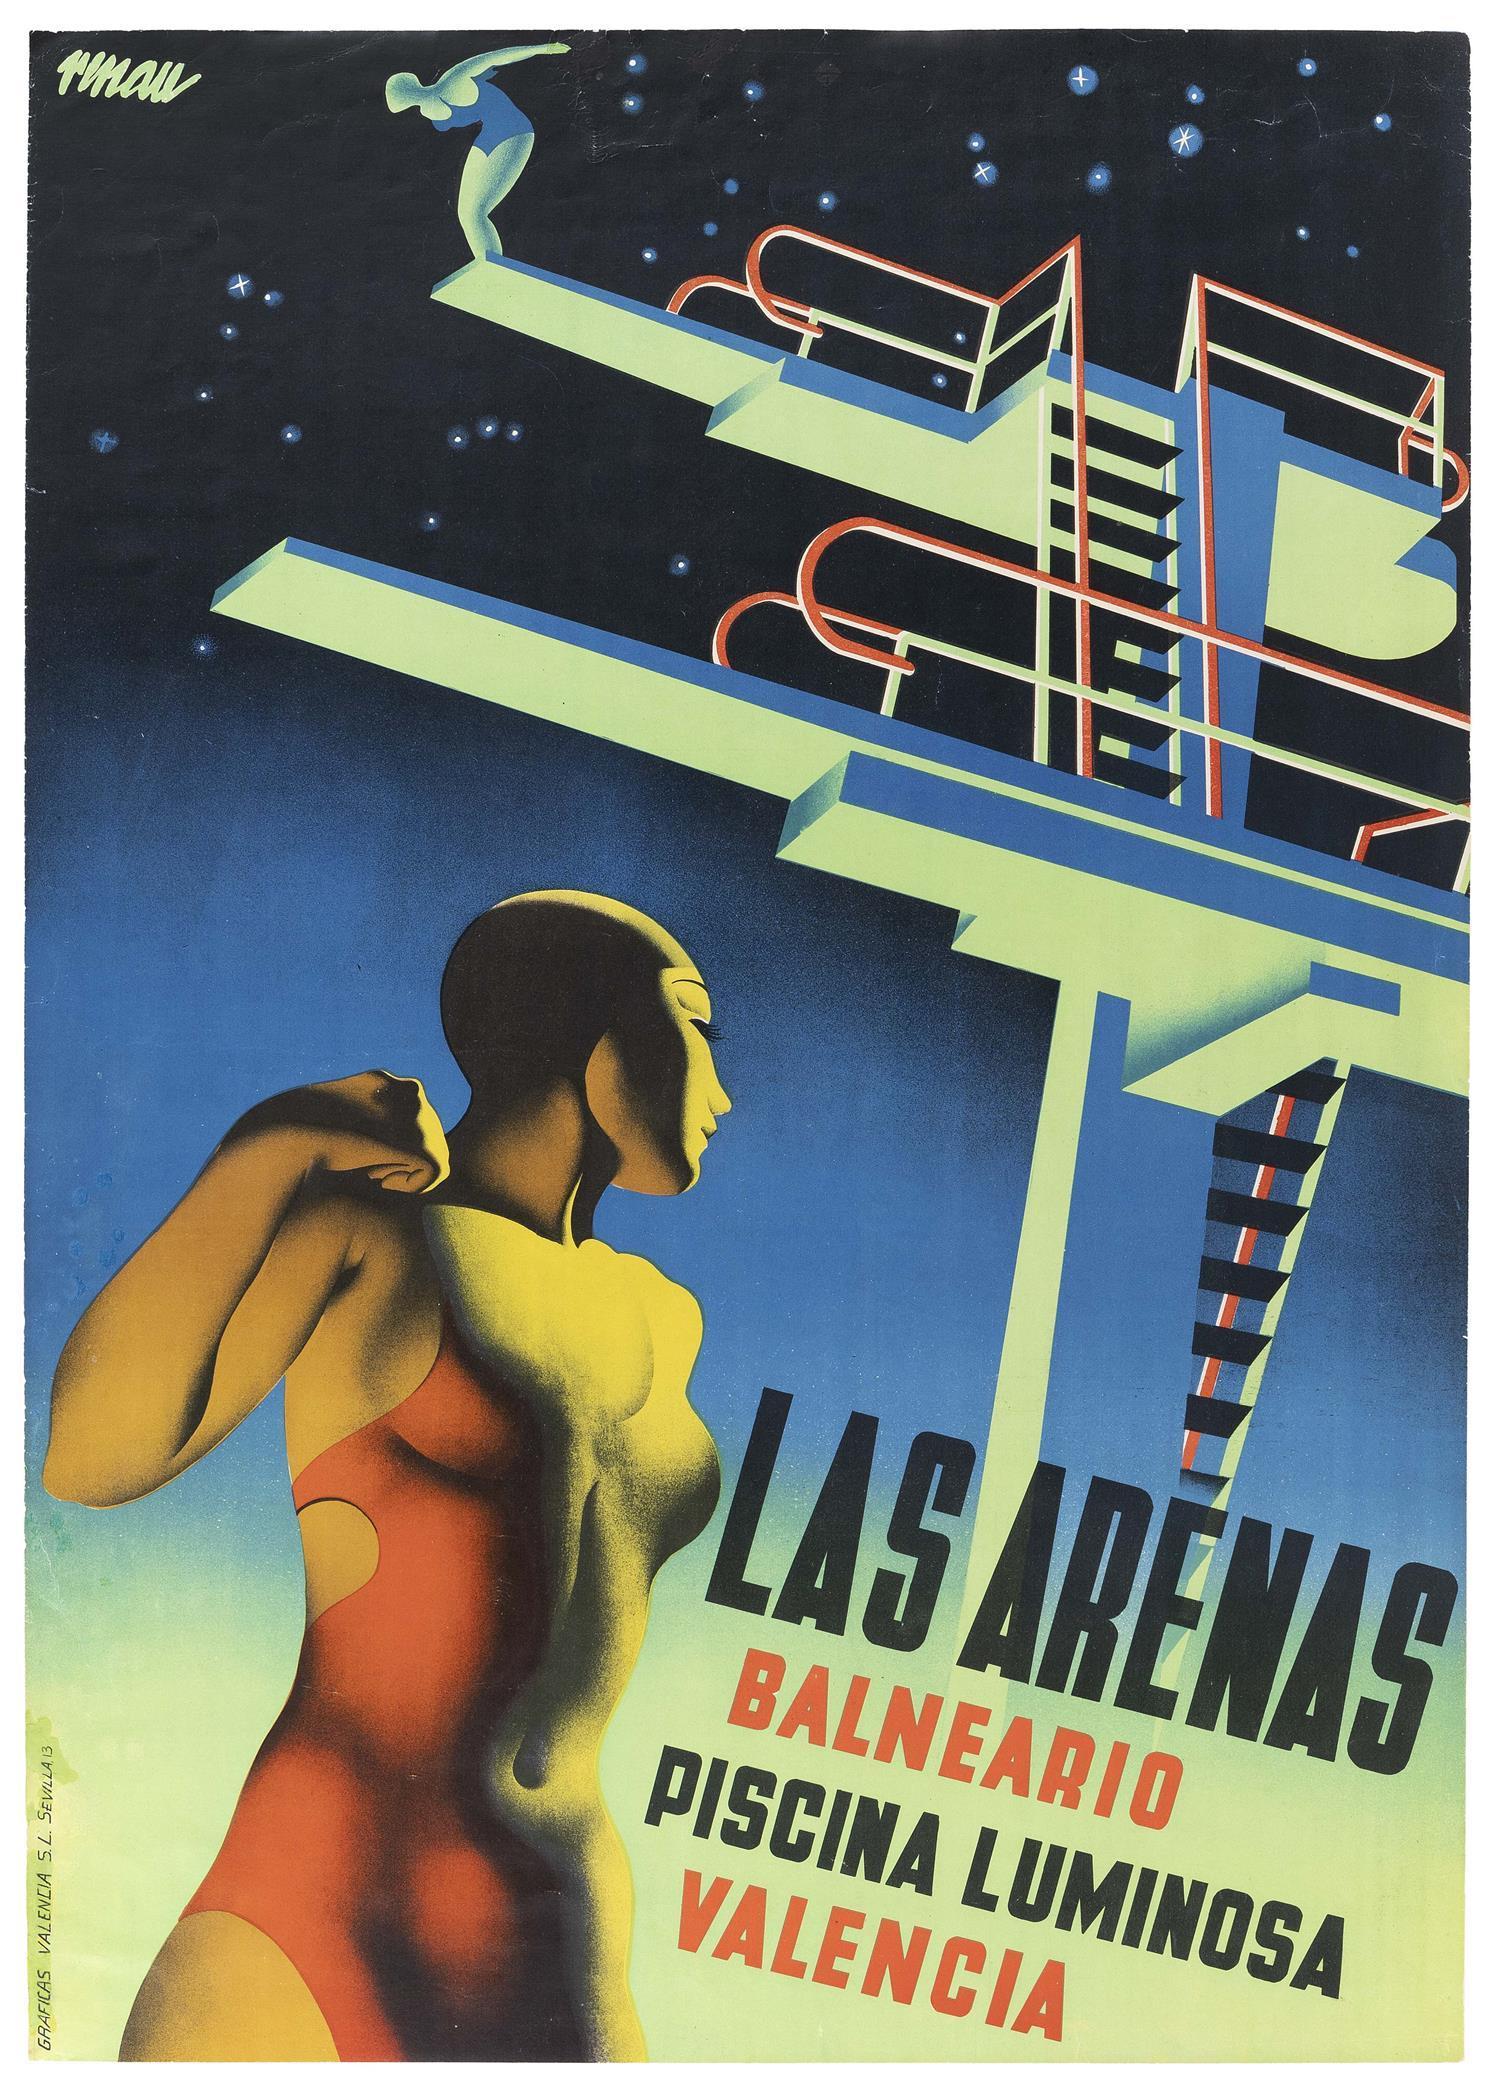 """SPANISH ART DECO TRAVEL POSTER DESIGNED BY JOSEP RENAU-MONTORO """"Las Arenas Balneario Piscina Luminosa Valencia"""", advertising the swi..."""